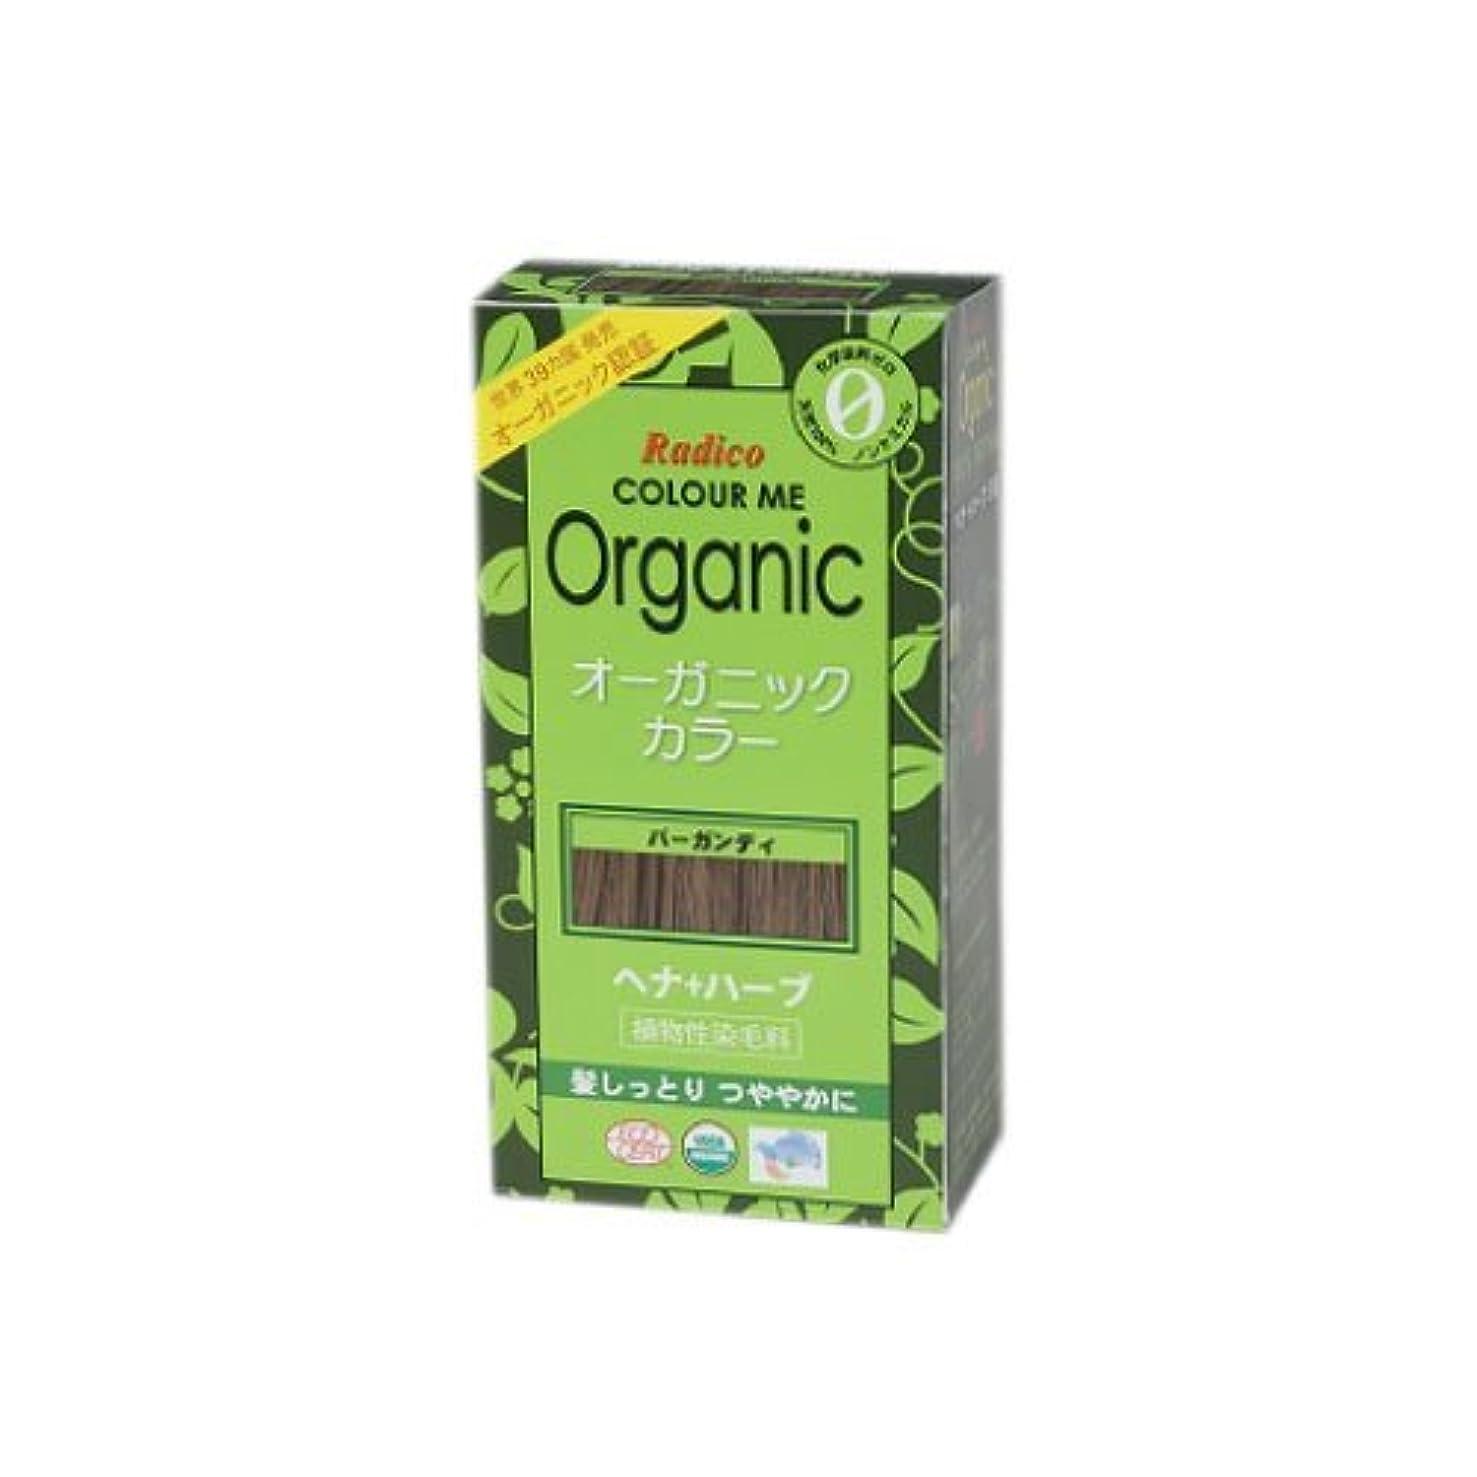 銀ピジンメイトCOLOURME Organic (カラーミーオーガニック ヘナ 白髪用) バーガンディ 100g